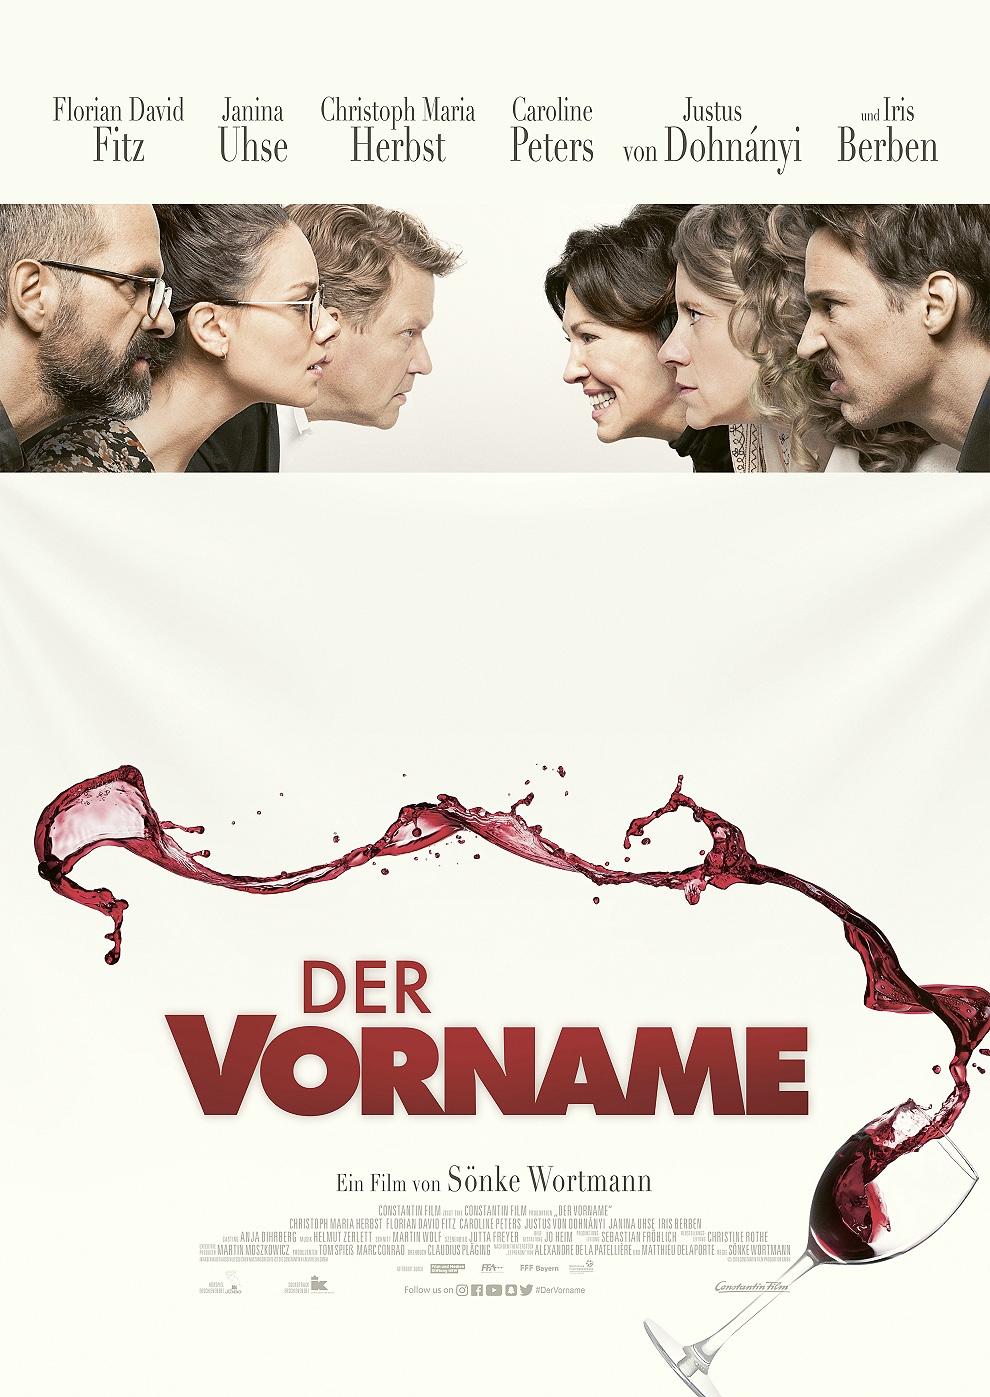 Der Vorname (2018) (Poster)